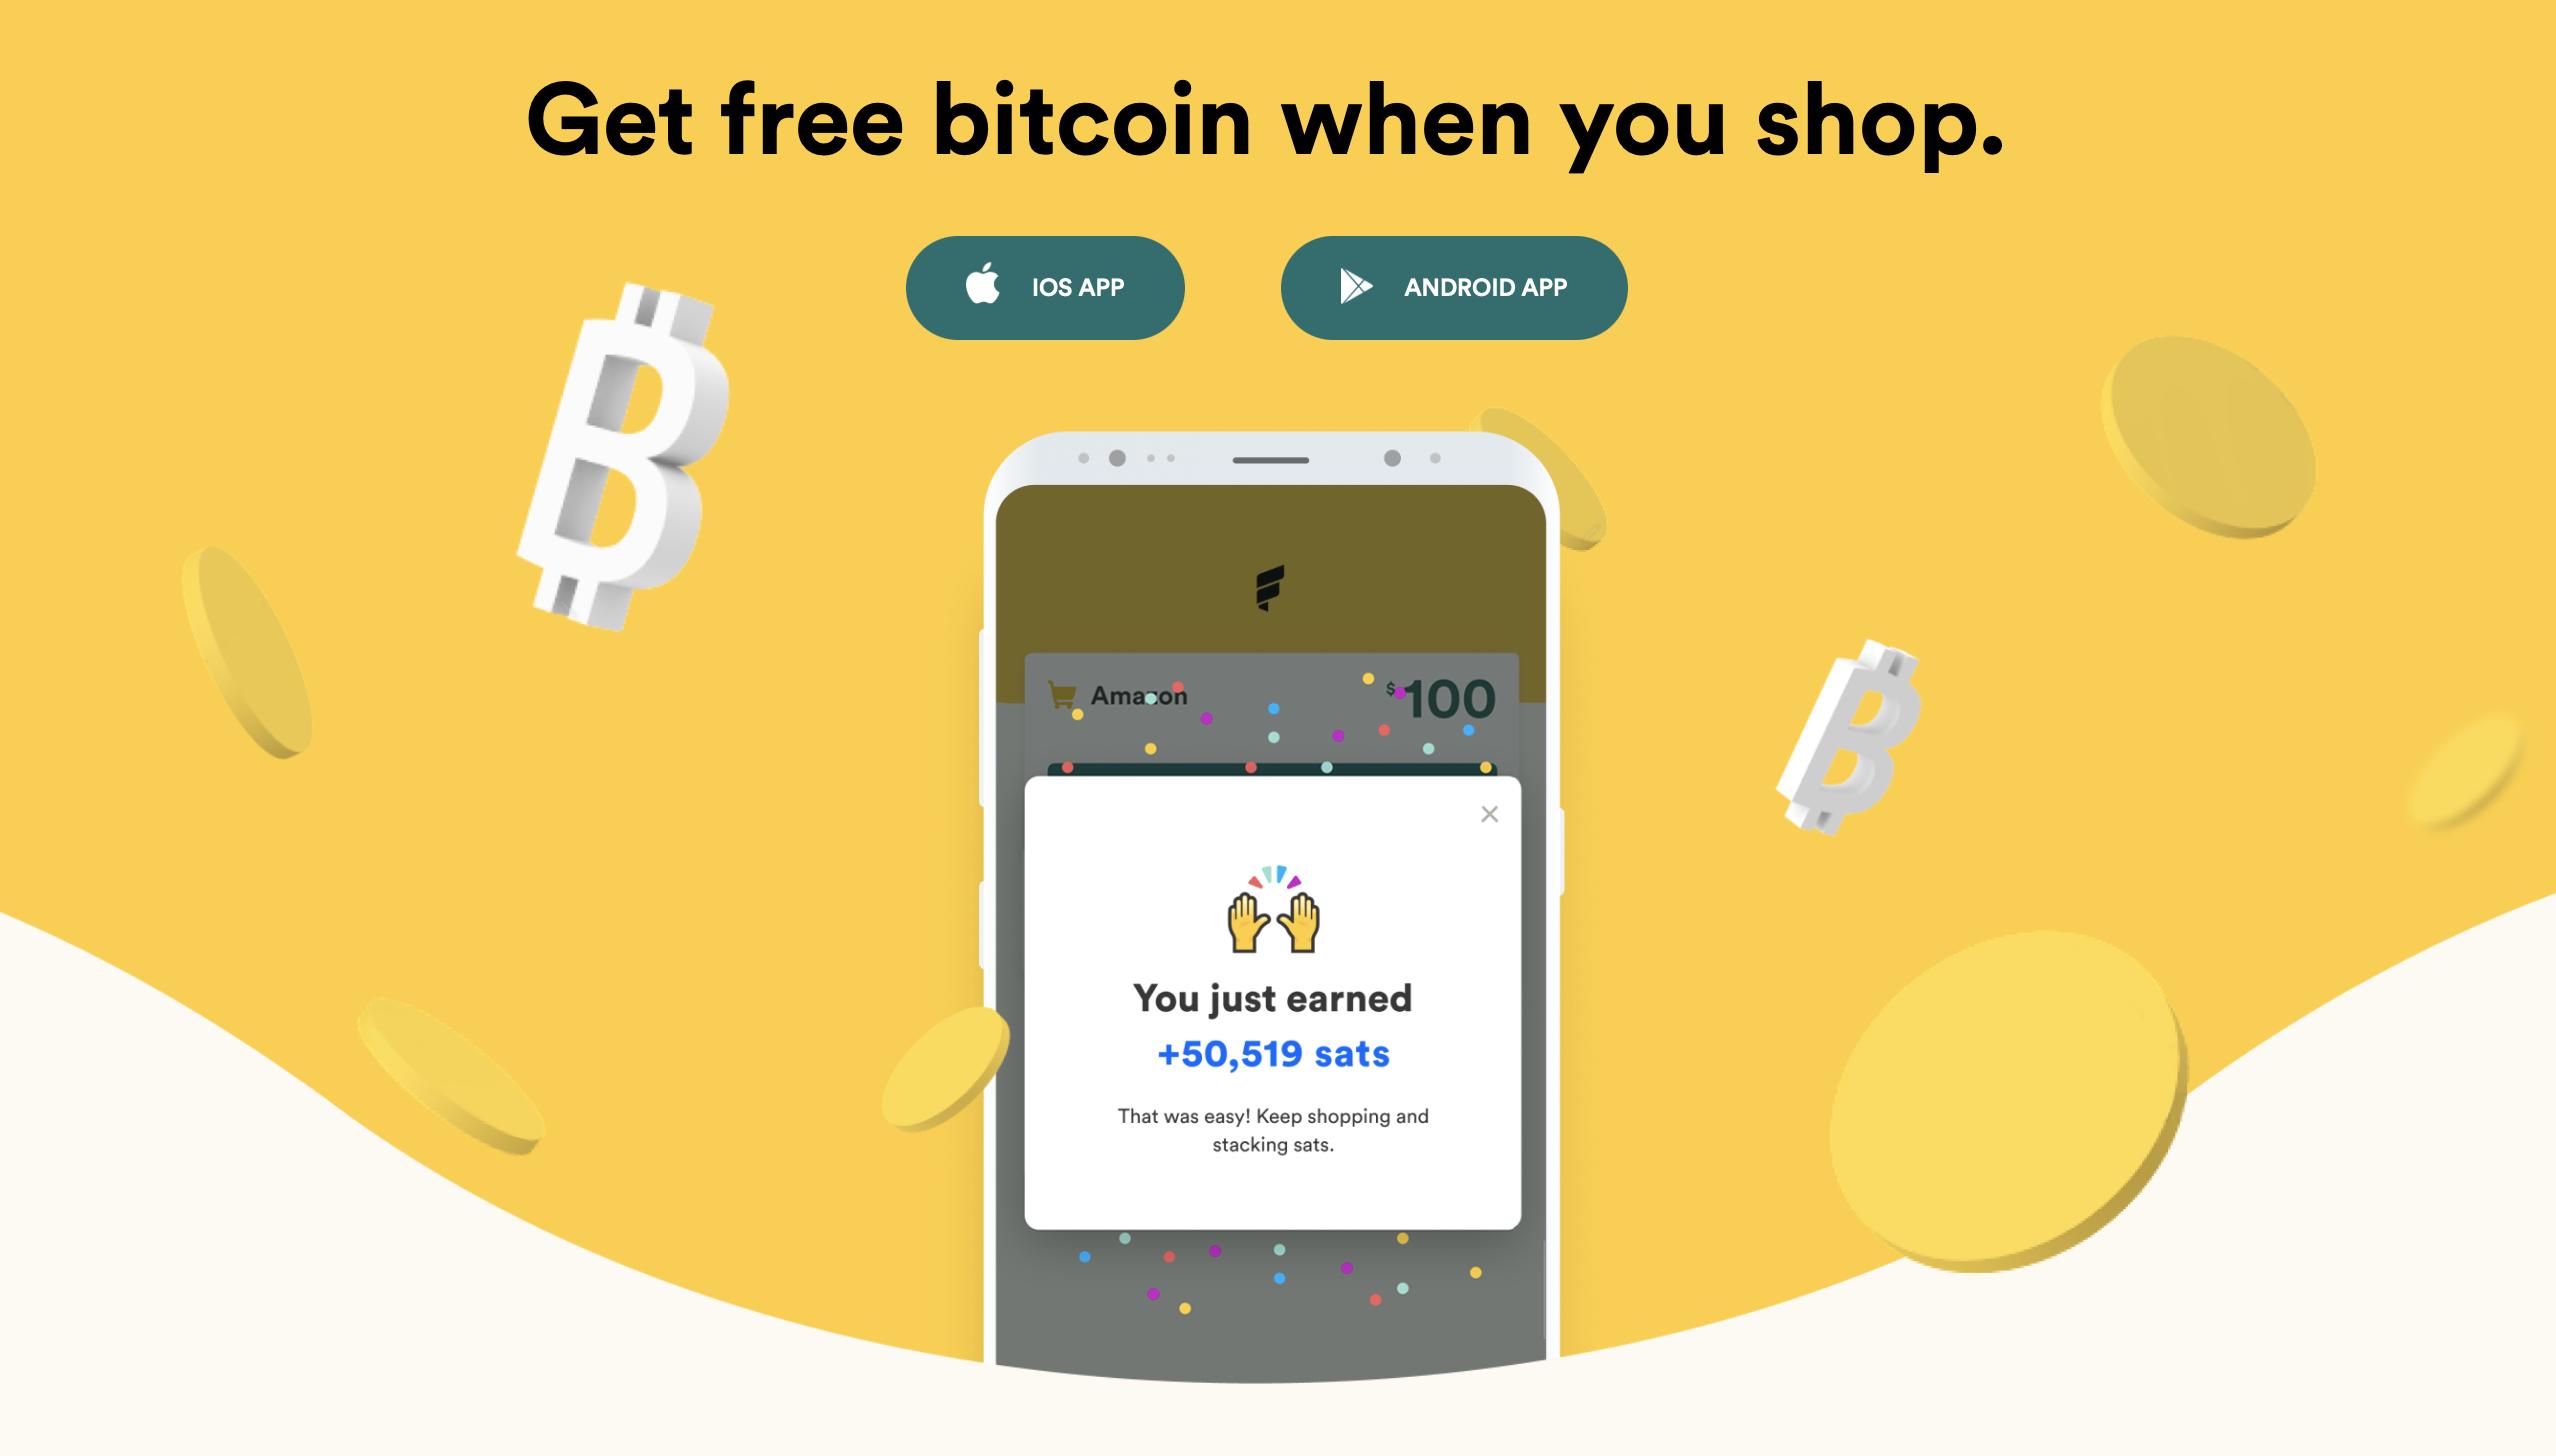 fold aplicación de bitcoin iphone